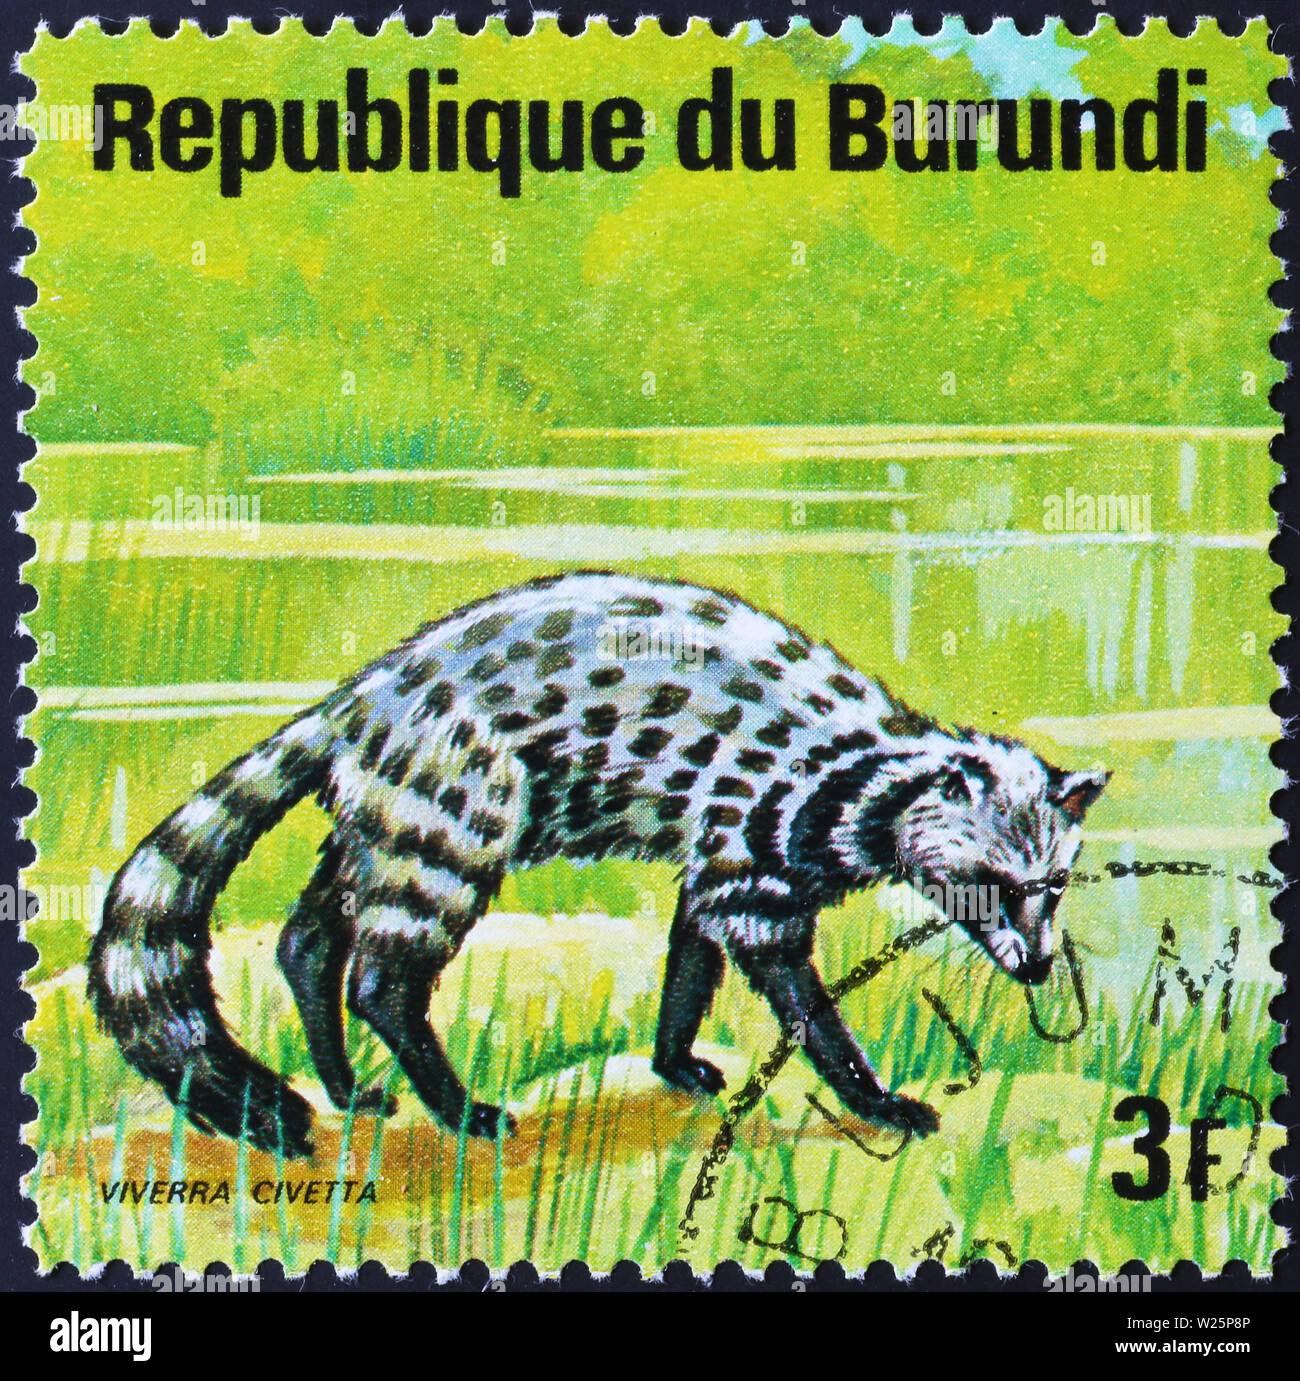 African civet on postage stamp of Burundi - Stock Image